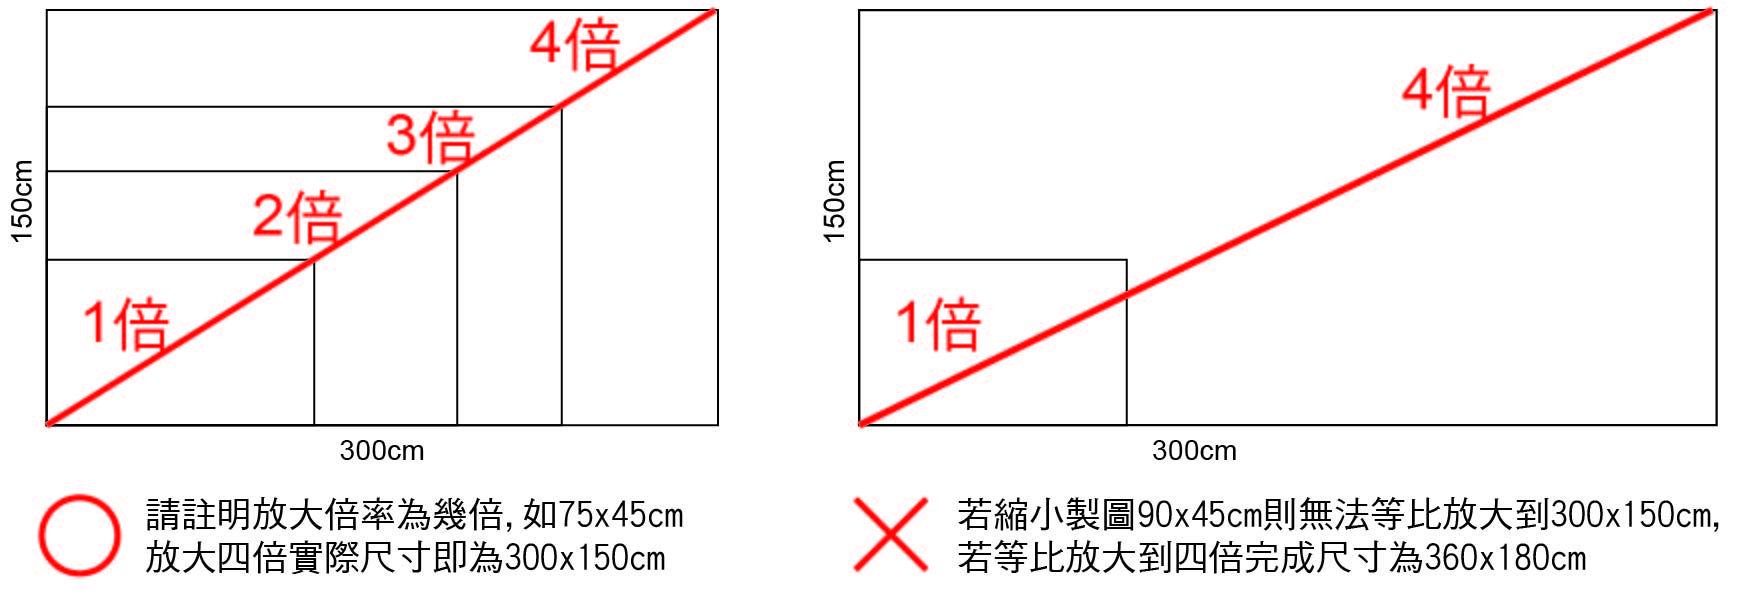 大圖輸出尺寸比例說明